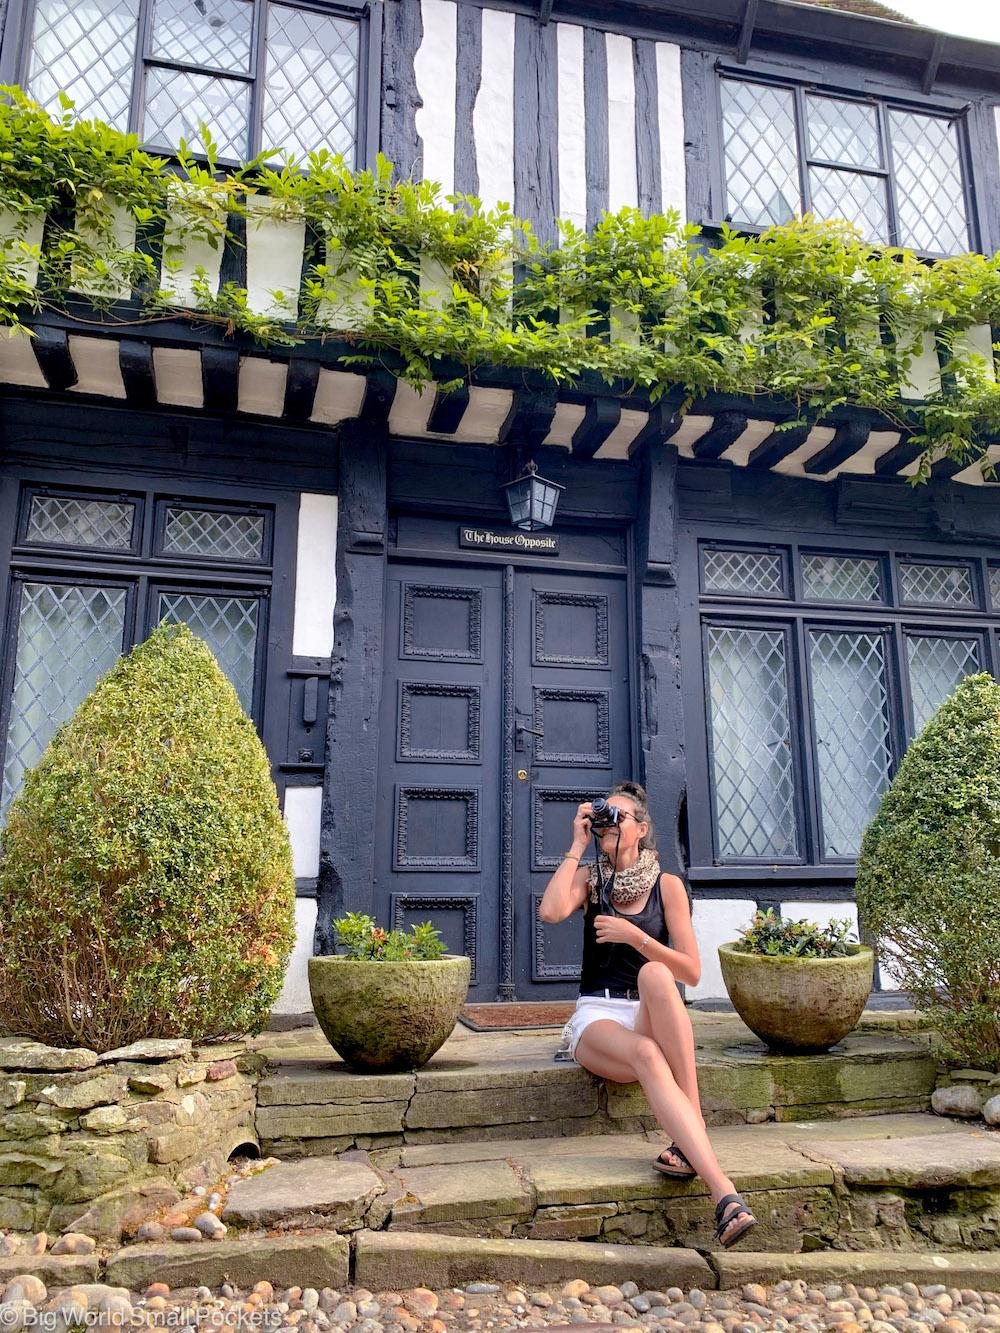 Sussex, Rye, Mermaid Street and Me